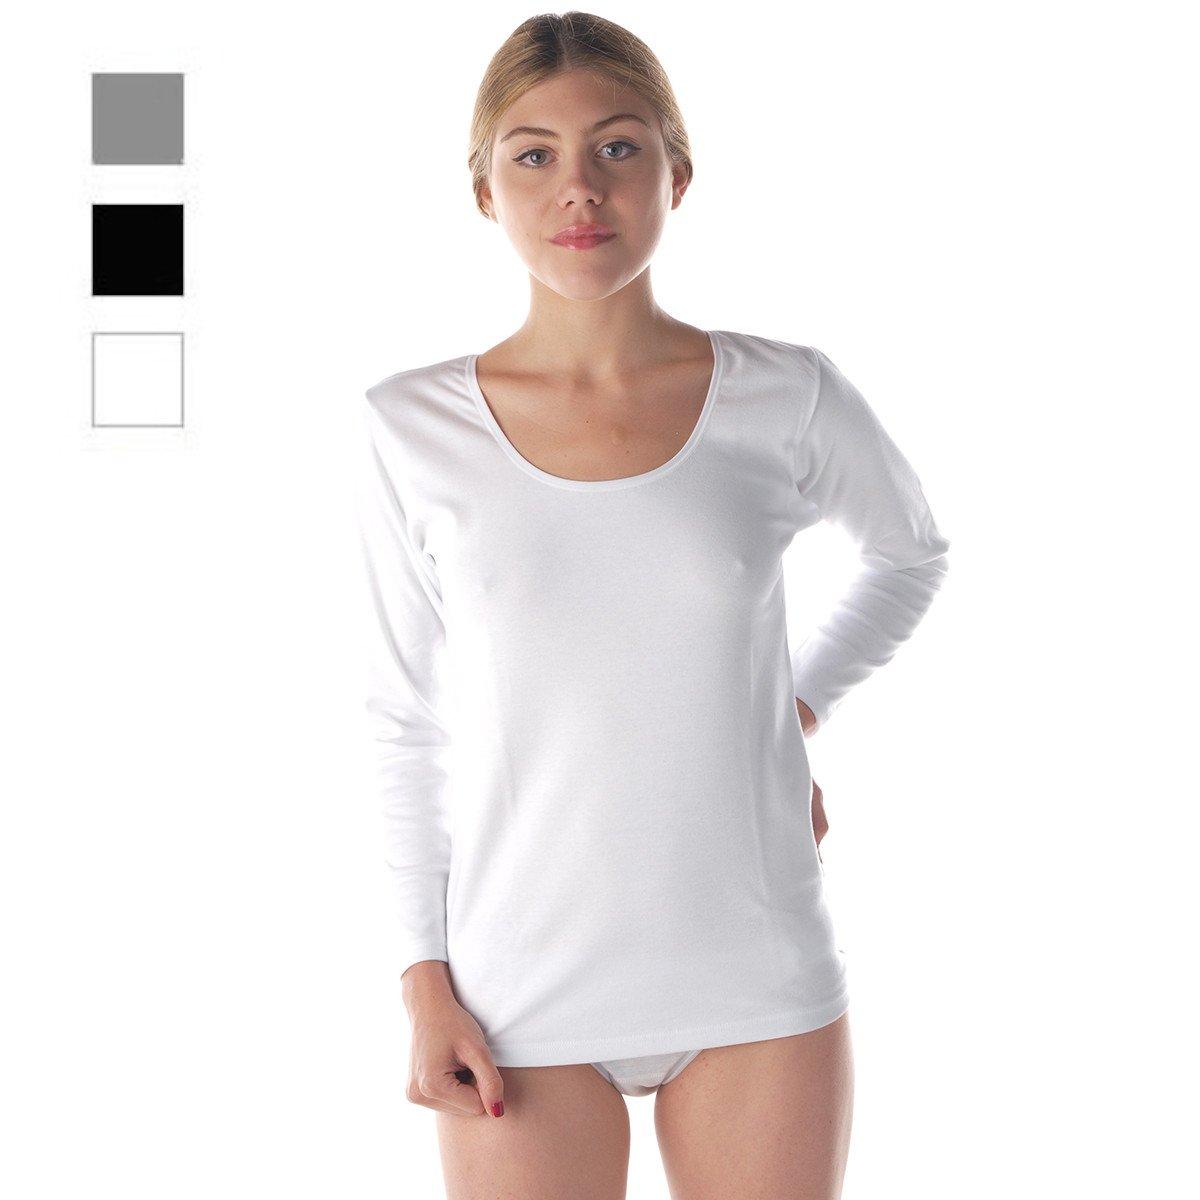 promo code 8cbef 7801d Maglia donna manica lunga puro cotone termico invernale ...